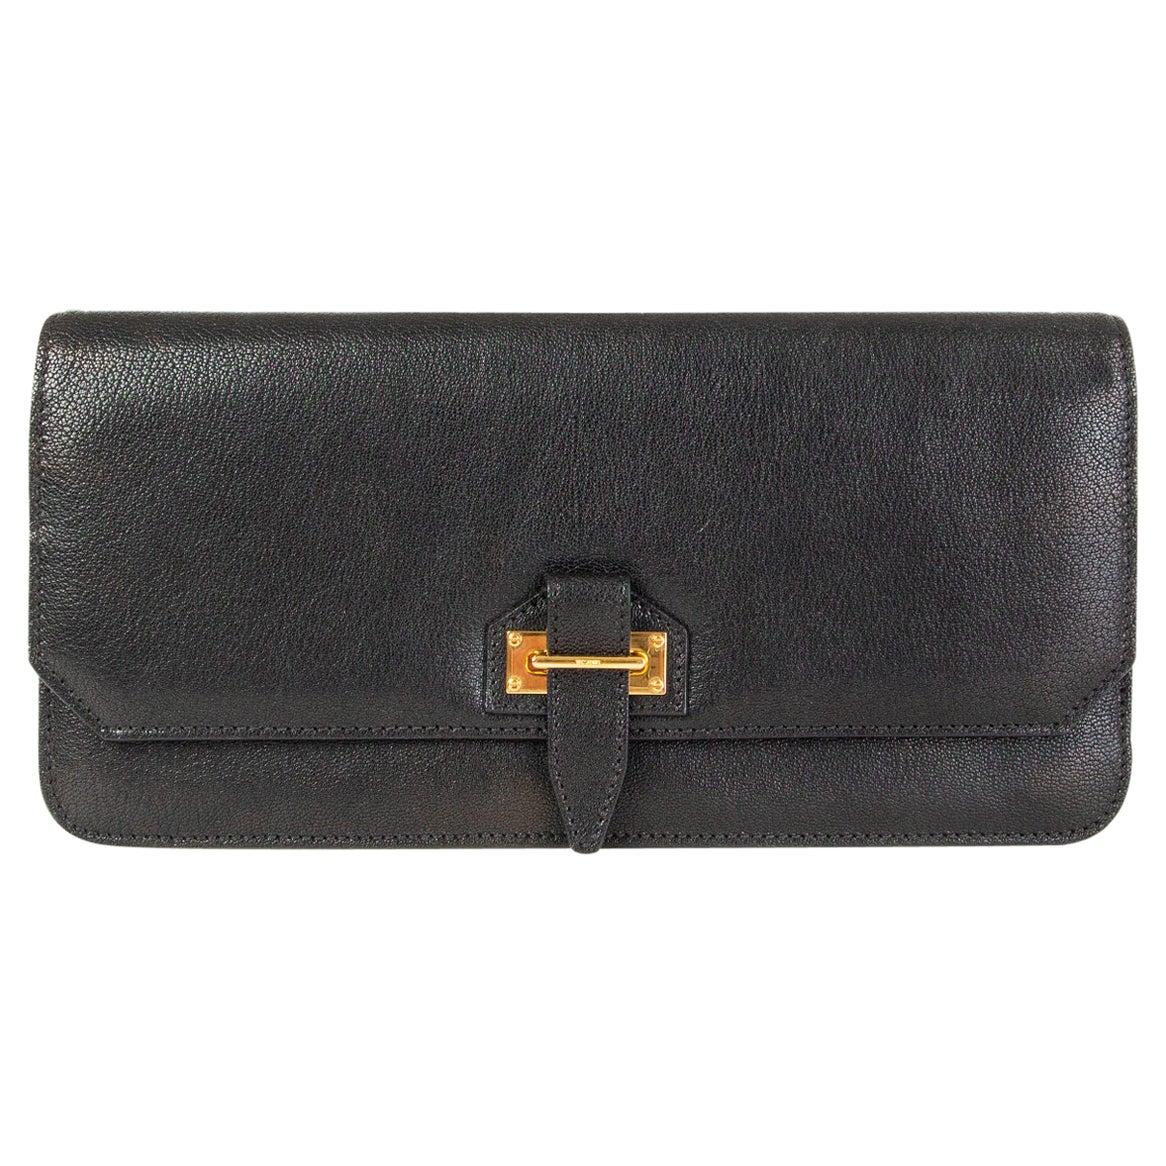 TOM FORD black leather Tab Flap Clutch Bag